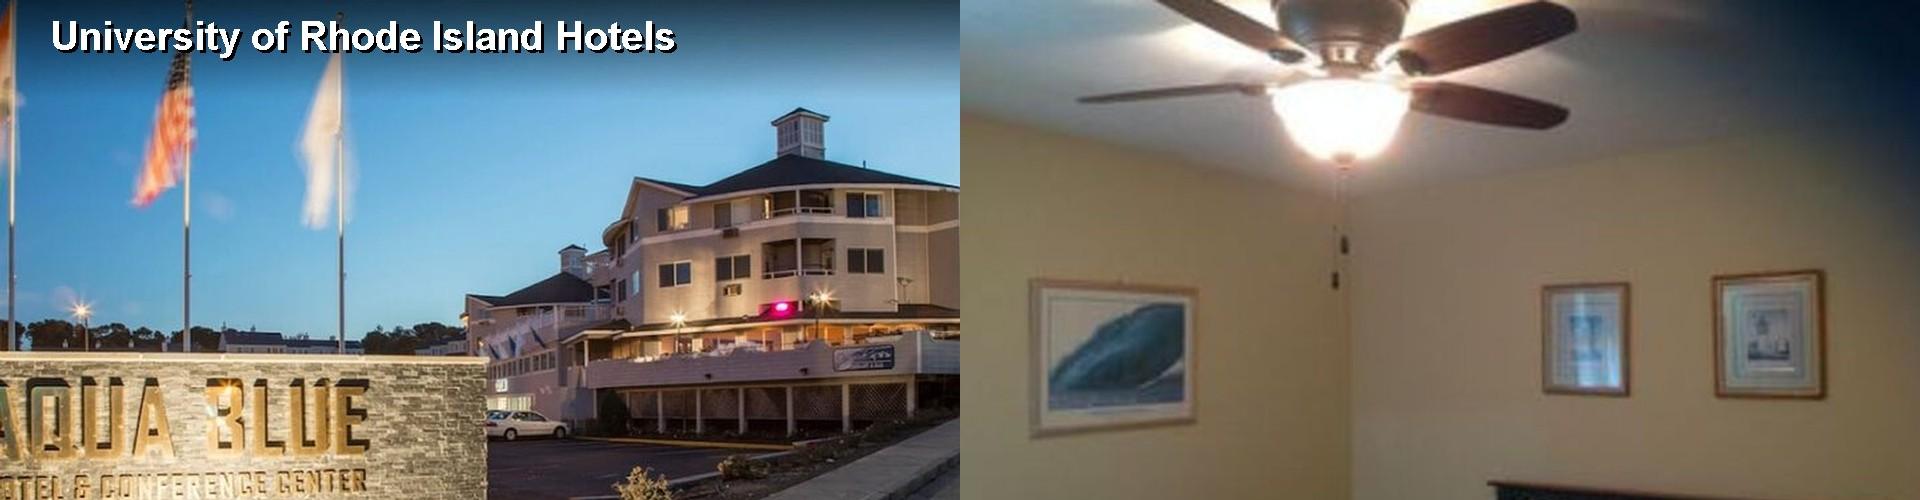 5 Best Hotels Near University Of Rhode Island